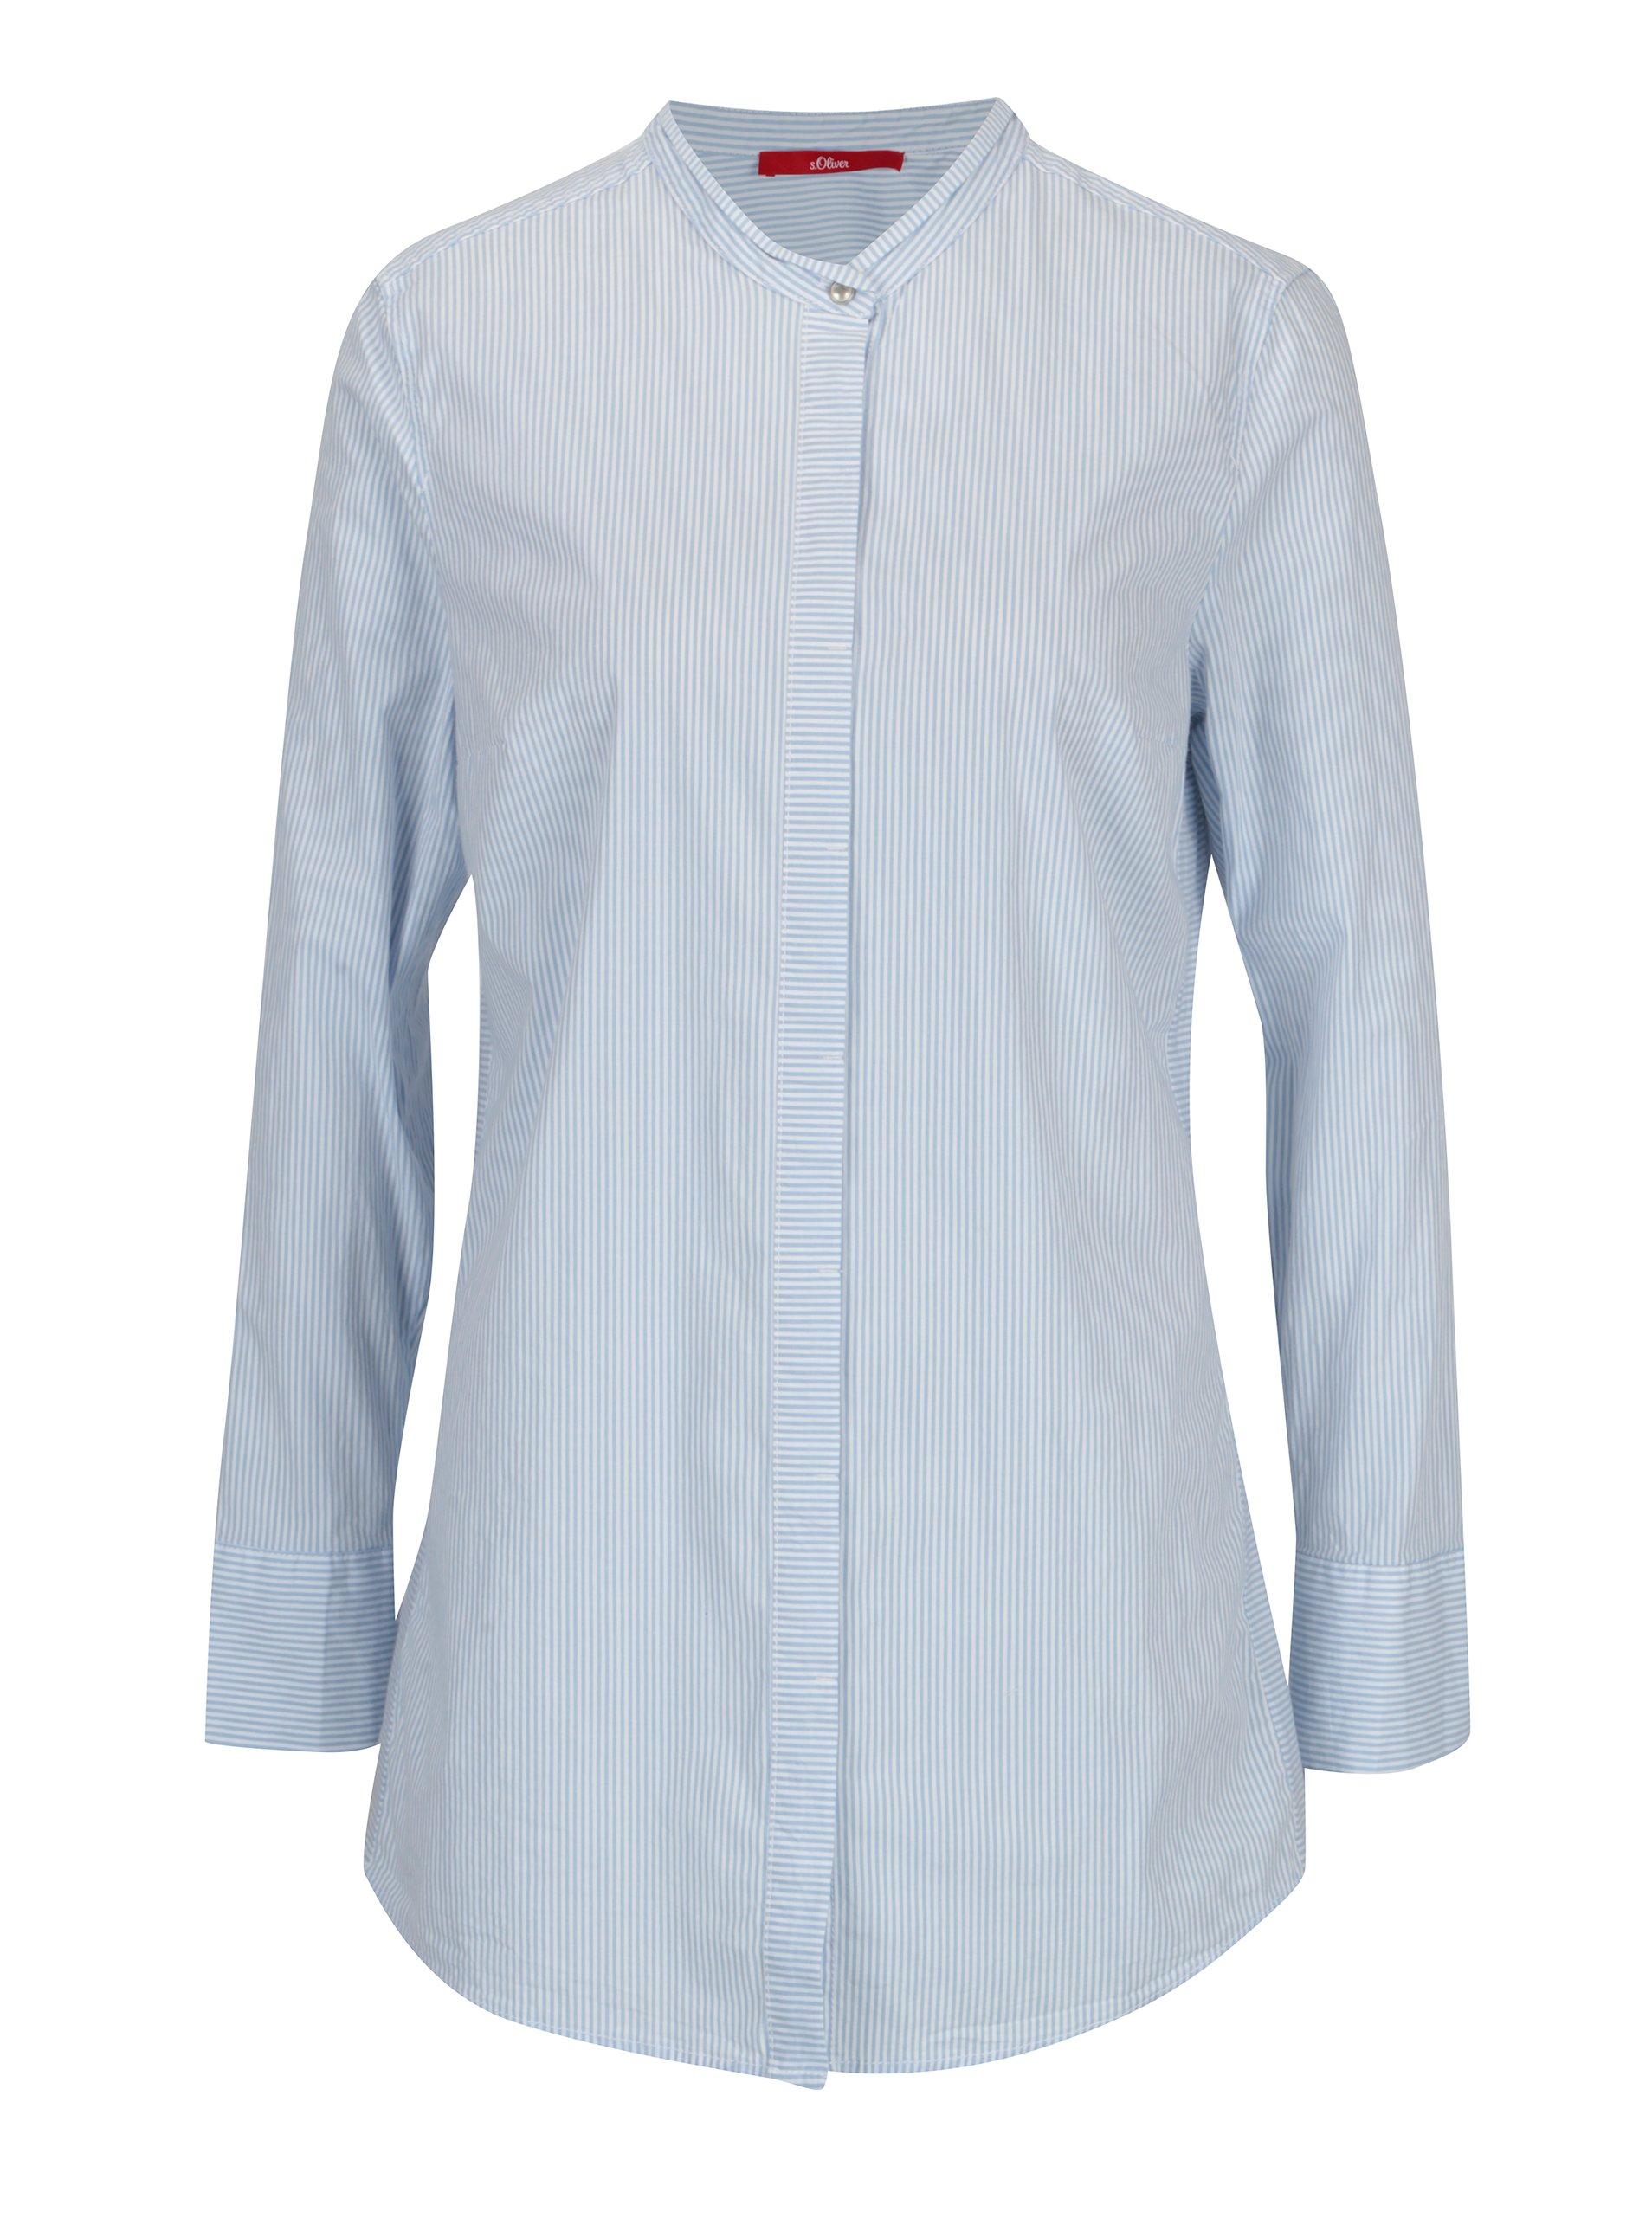 f15bfeb0241d Bielo-modrá dámska pruhovaná dlhá košeľa s.Oliver